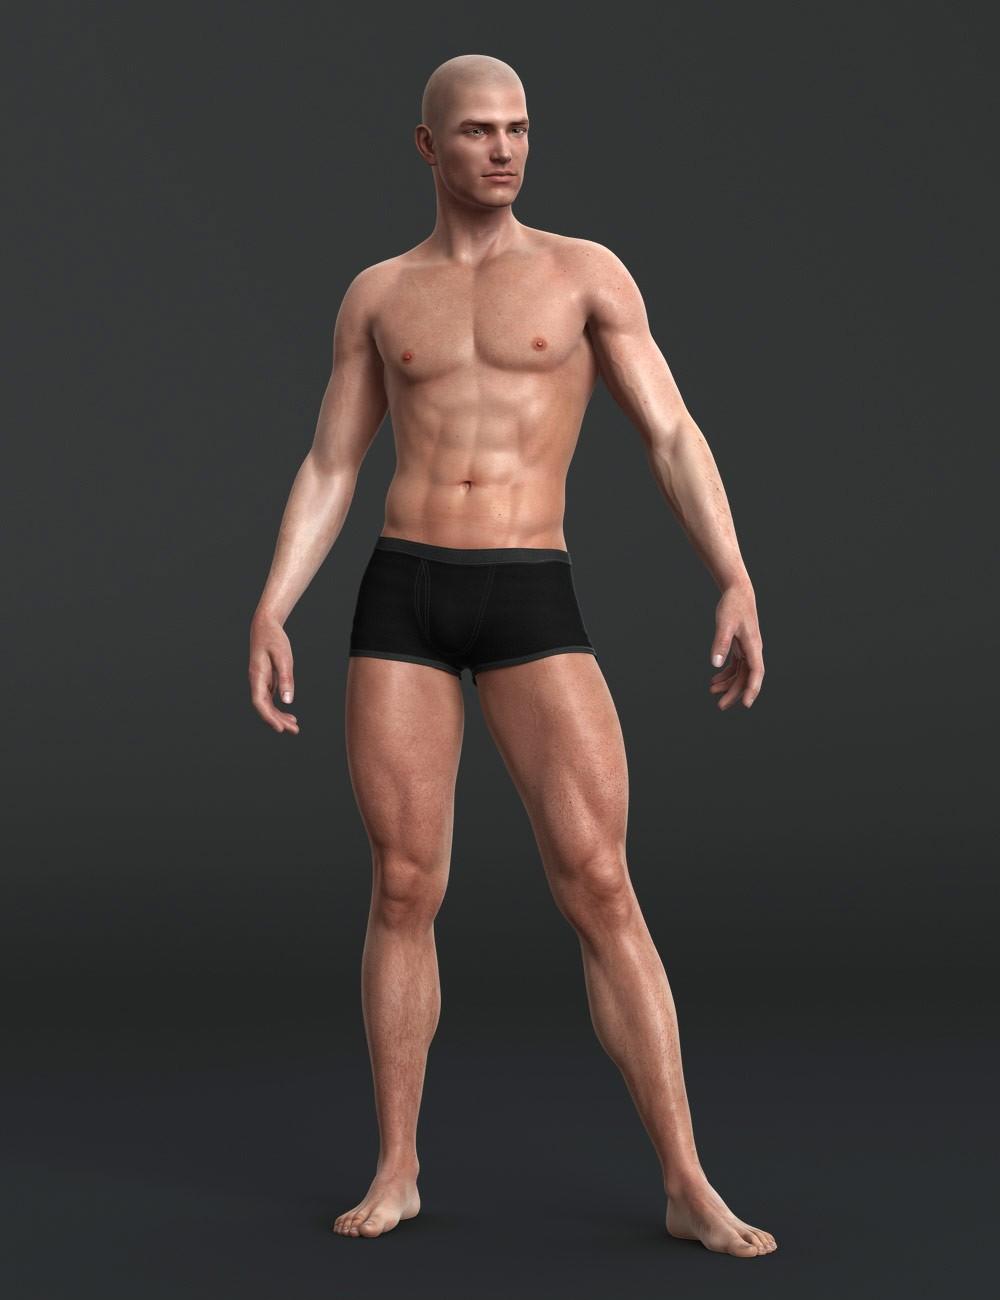 full figure naked male models